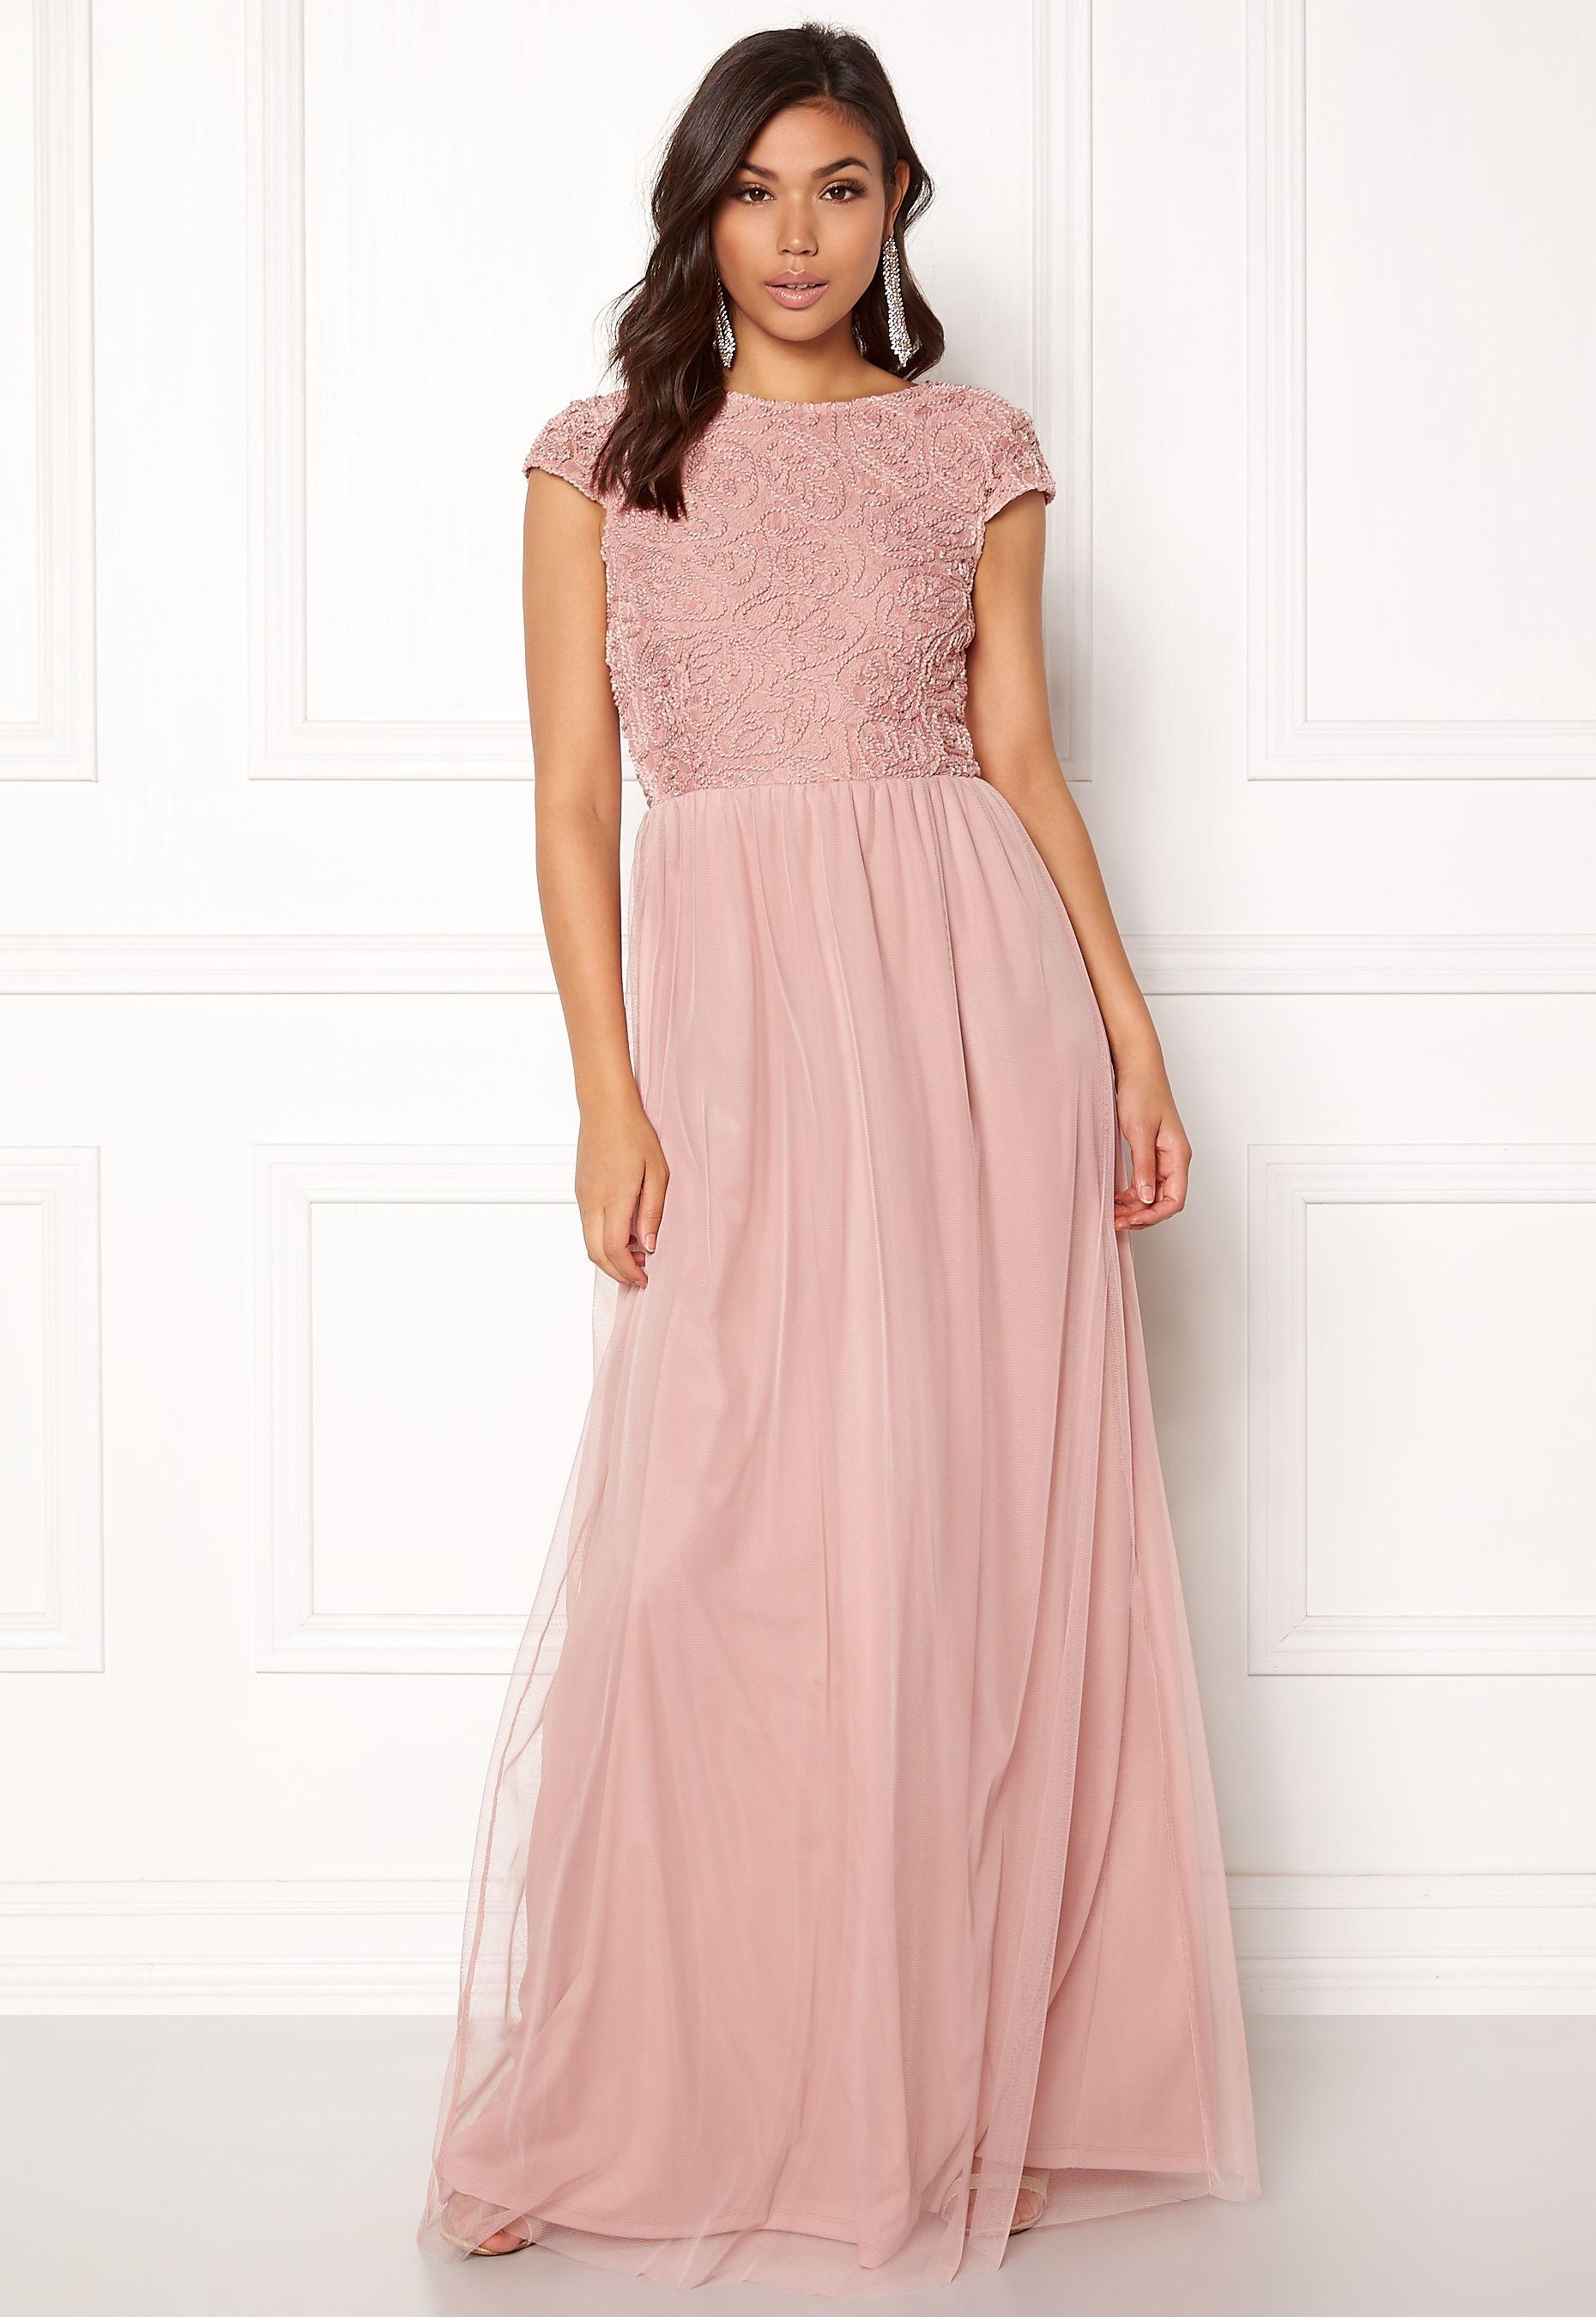 a92587e6d54c BUBBLEROOM Ariella prom dress